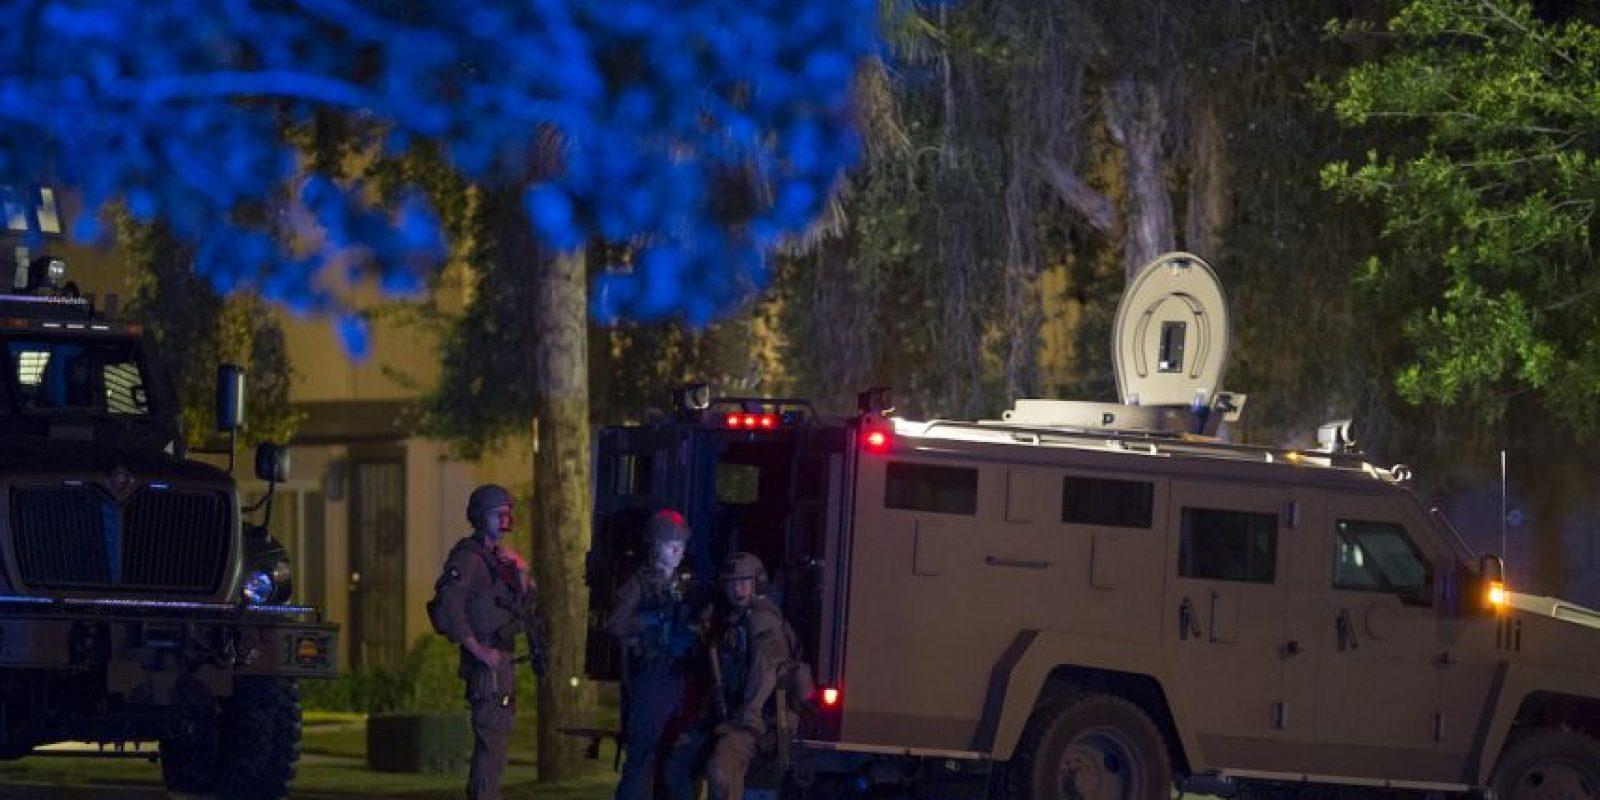 La masacre se dio durante una fiesta en el centro de discapacitados. Foto:Getty Images